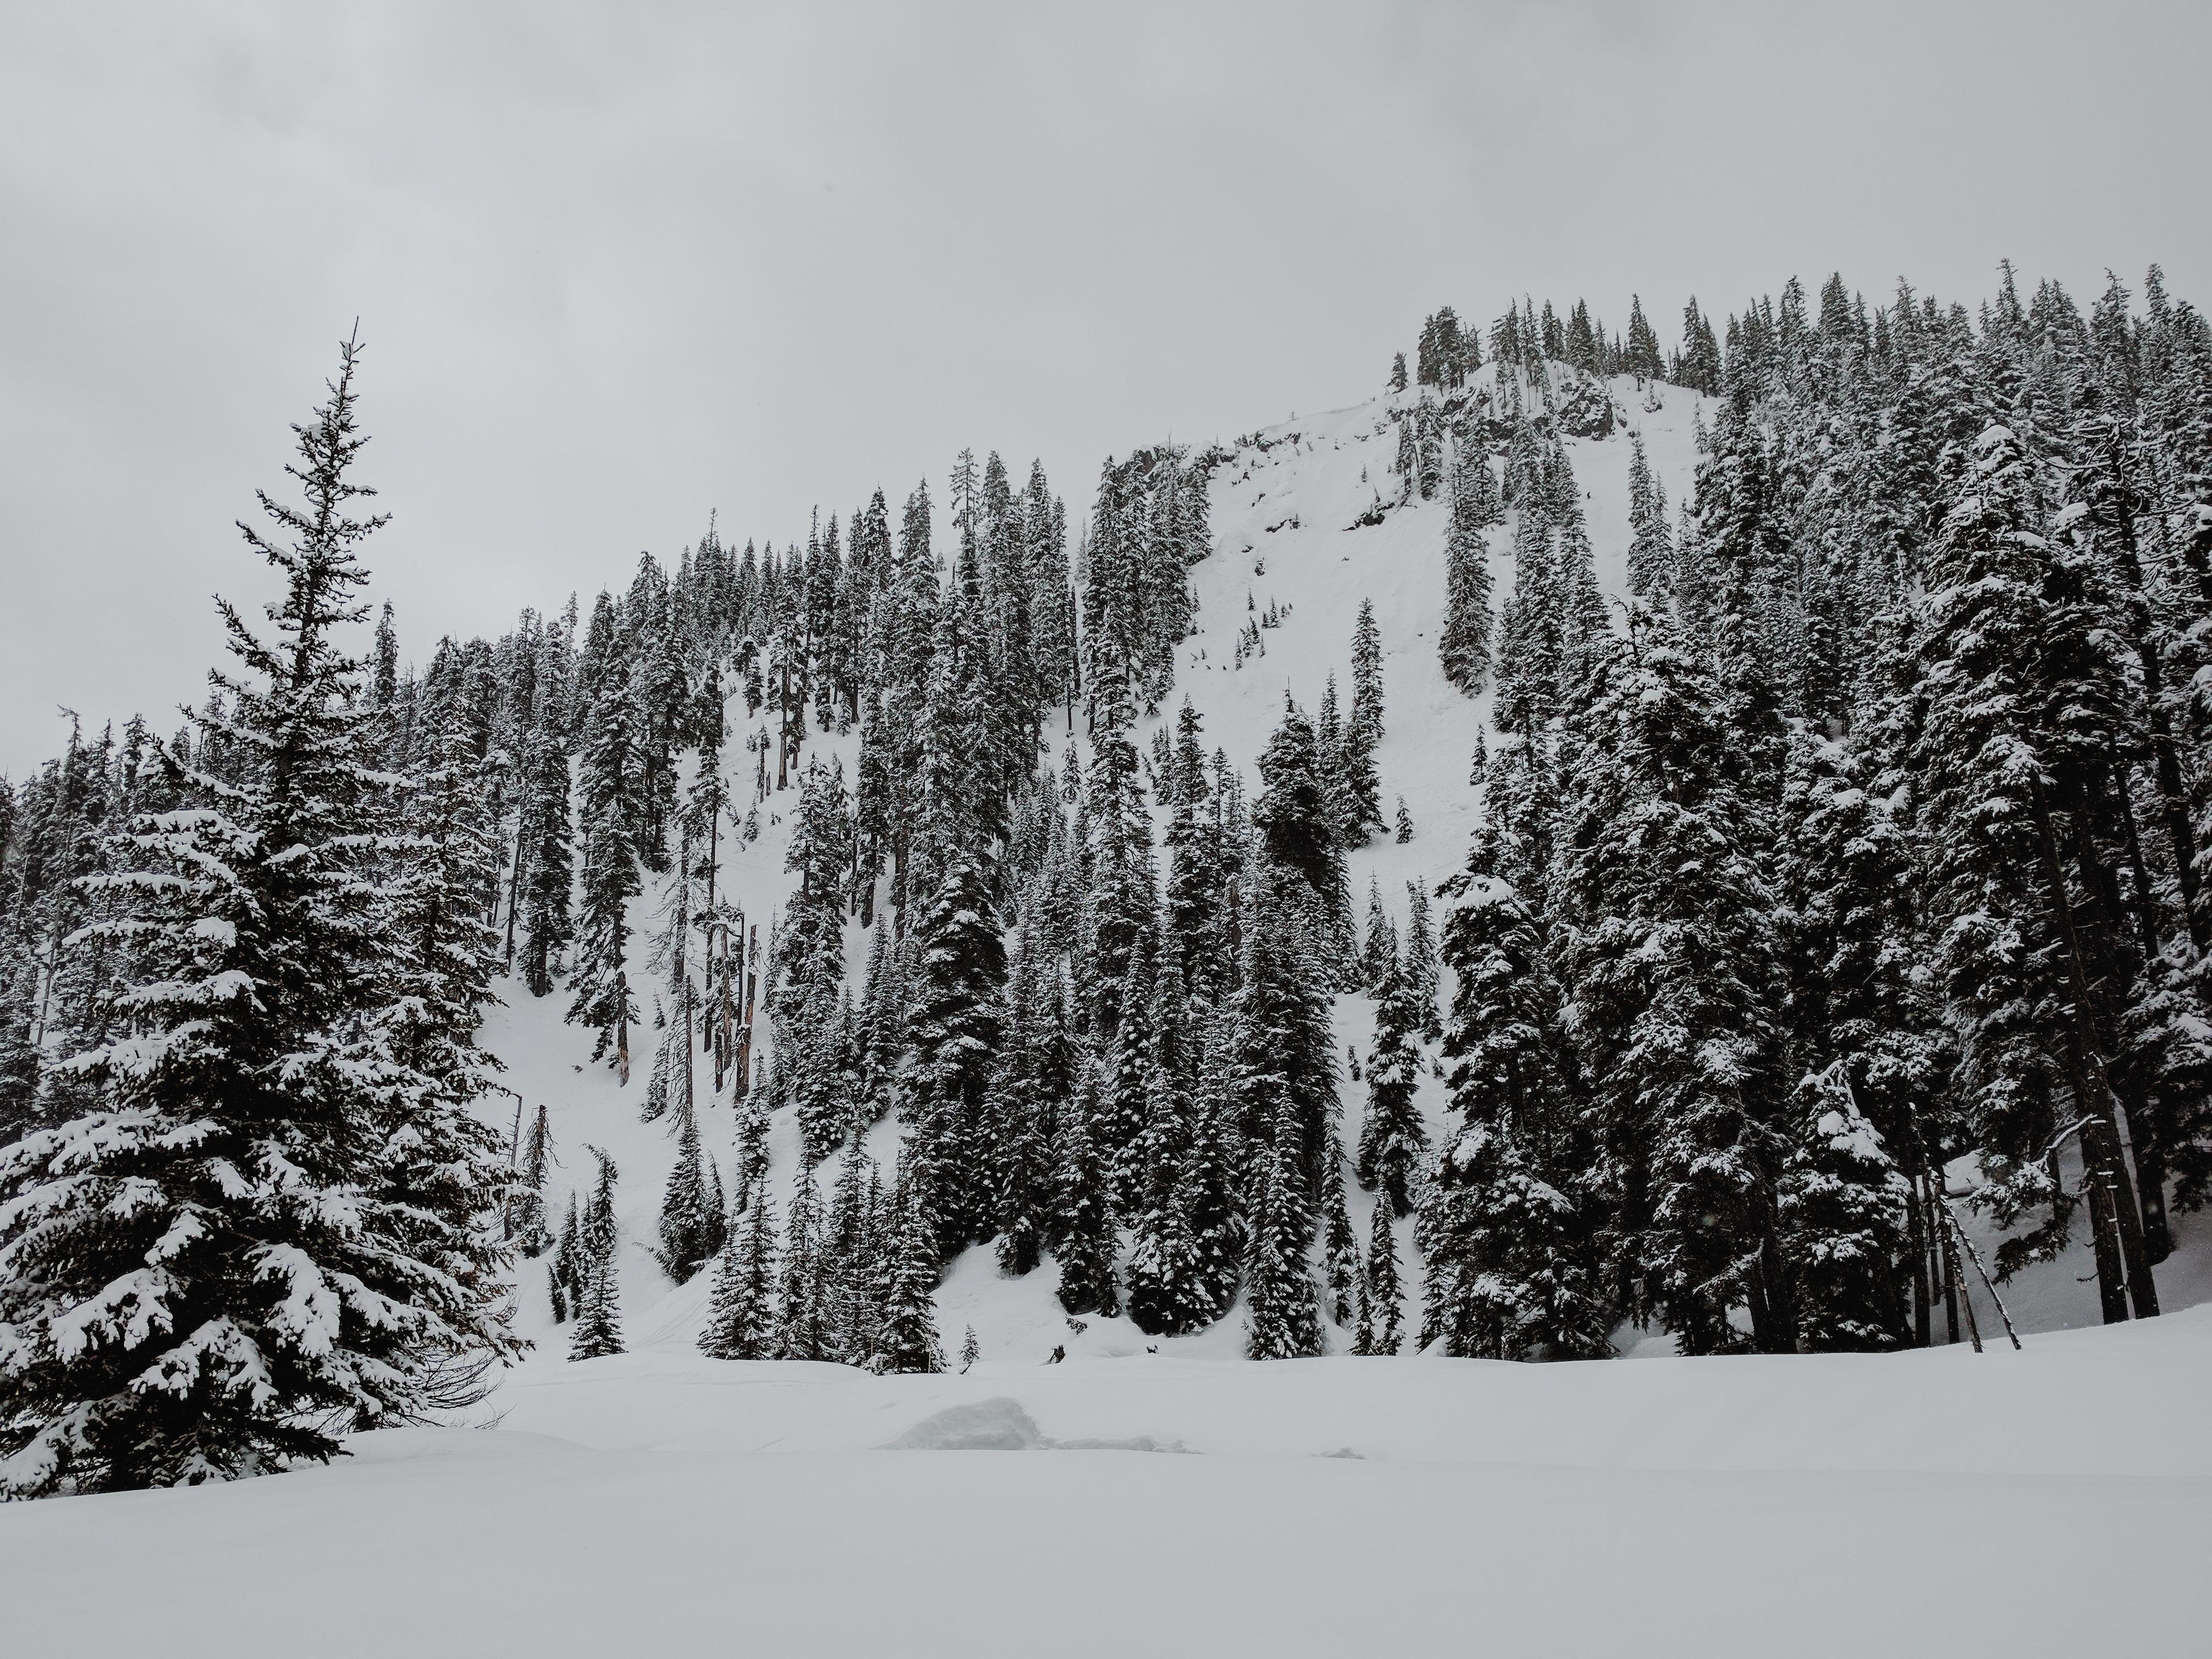 Snowshoe on Mount Hood